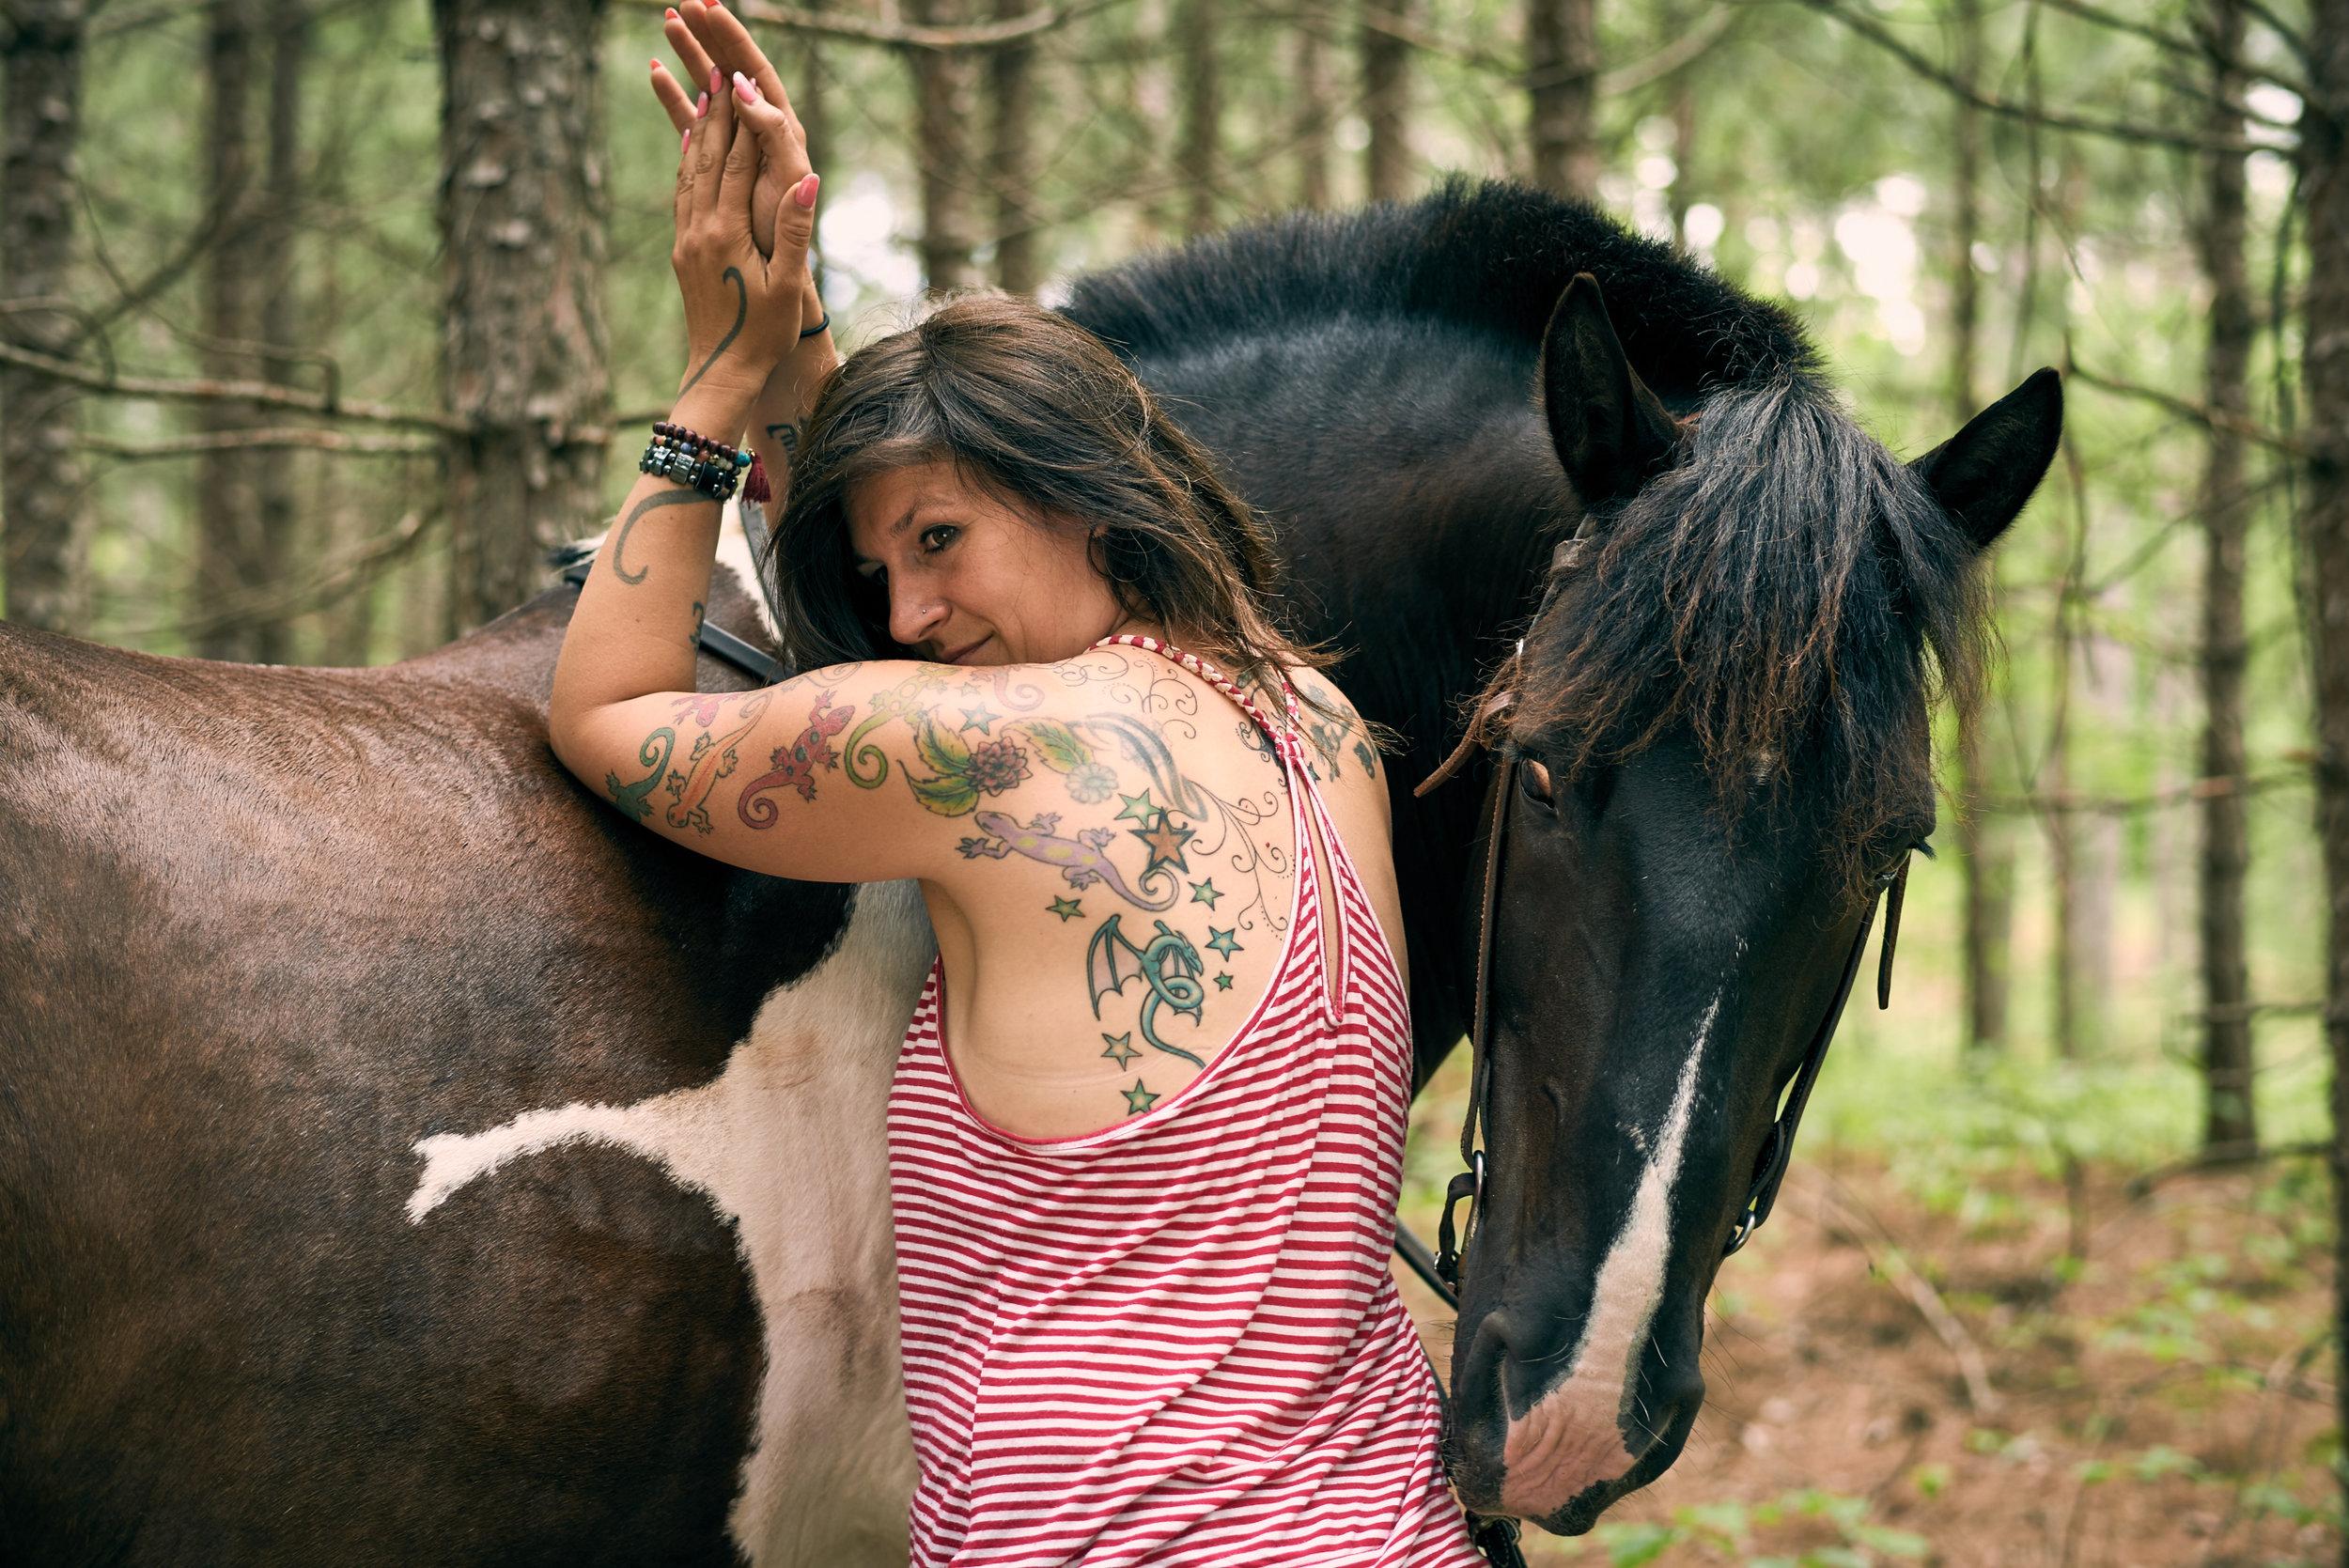 16-07-11_ Horses_DSC6404 2.jpg